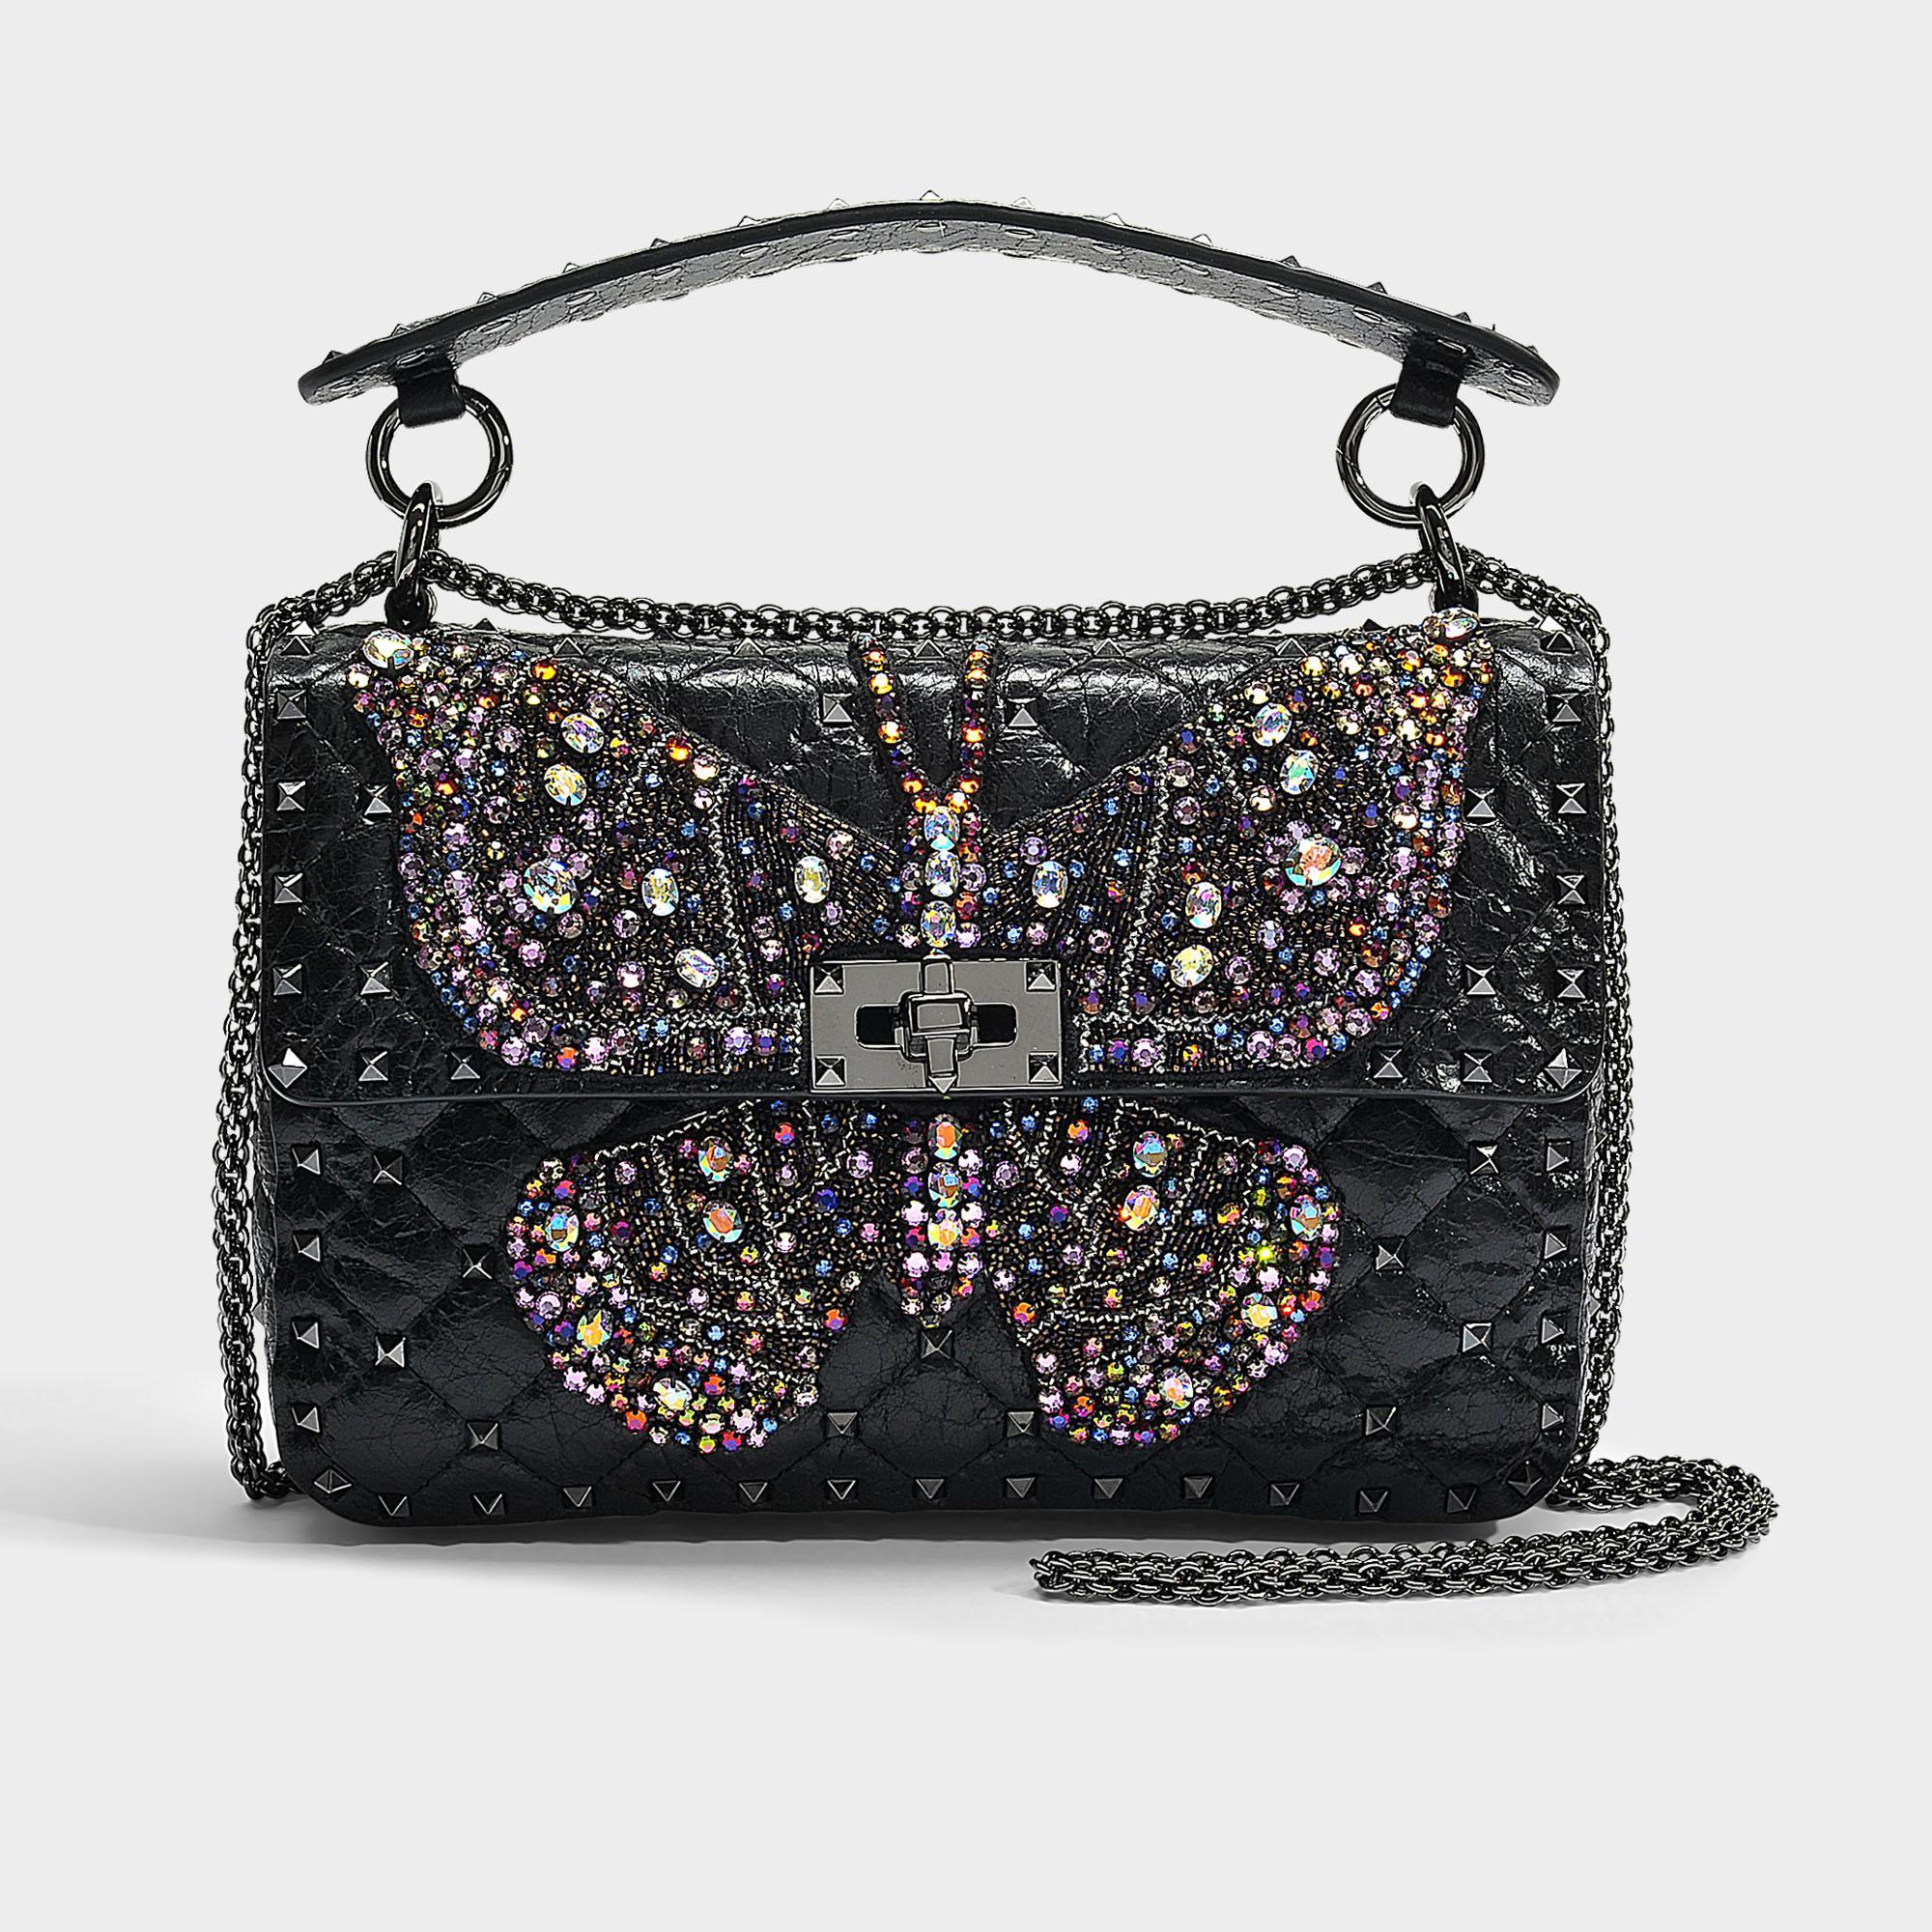 d64beeff25ee valentino--Rockstud-Spike-It-Butterfly-Medium-Shoulder-Bag -In-Black-Lambskin.jpeg